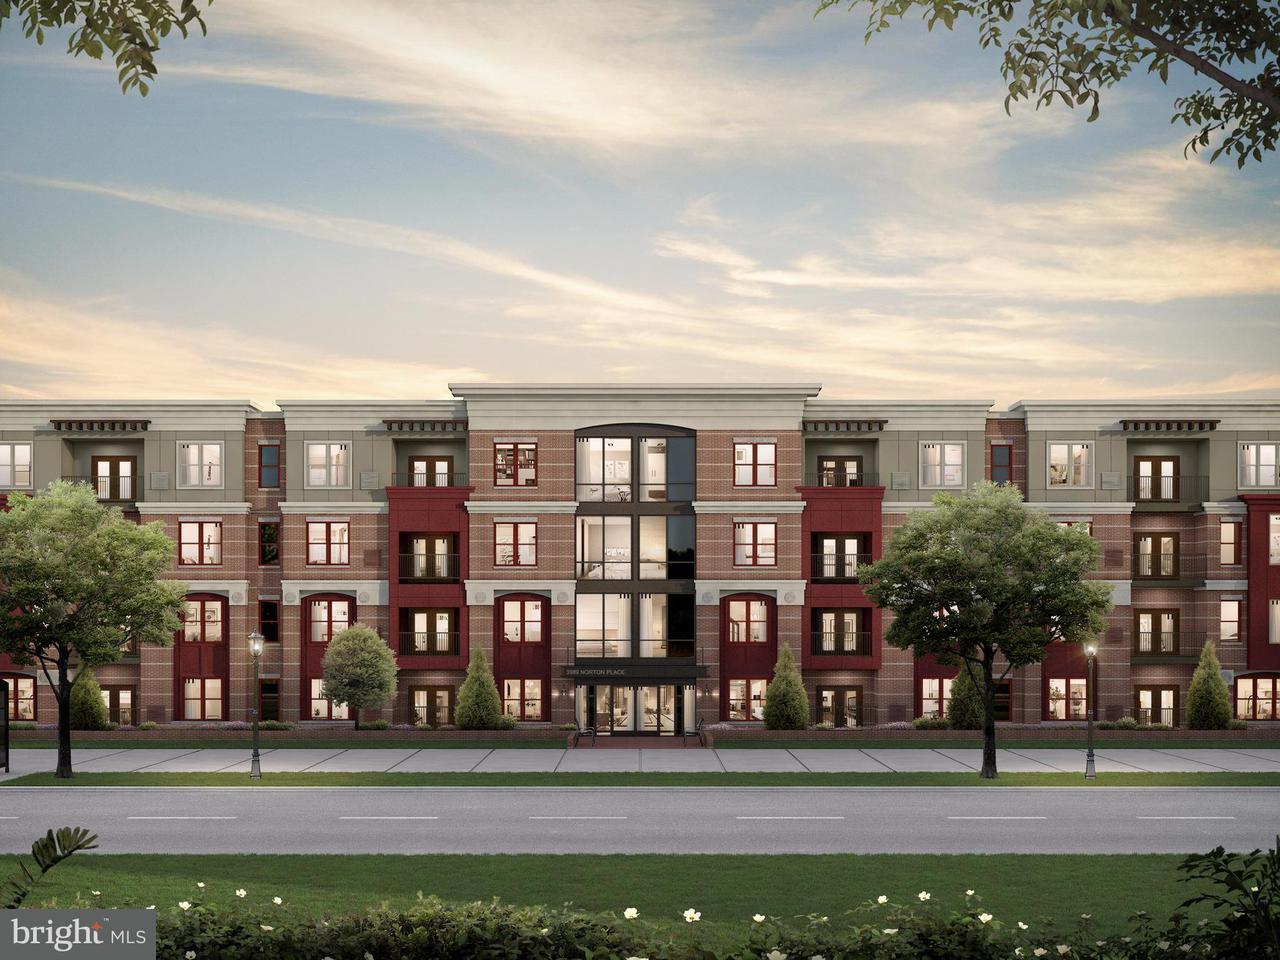 Condominium for Sale at 3989 Norton Pl #20301 3989 Norton Pl #20301 Fairfax, Virginia 22030 United States